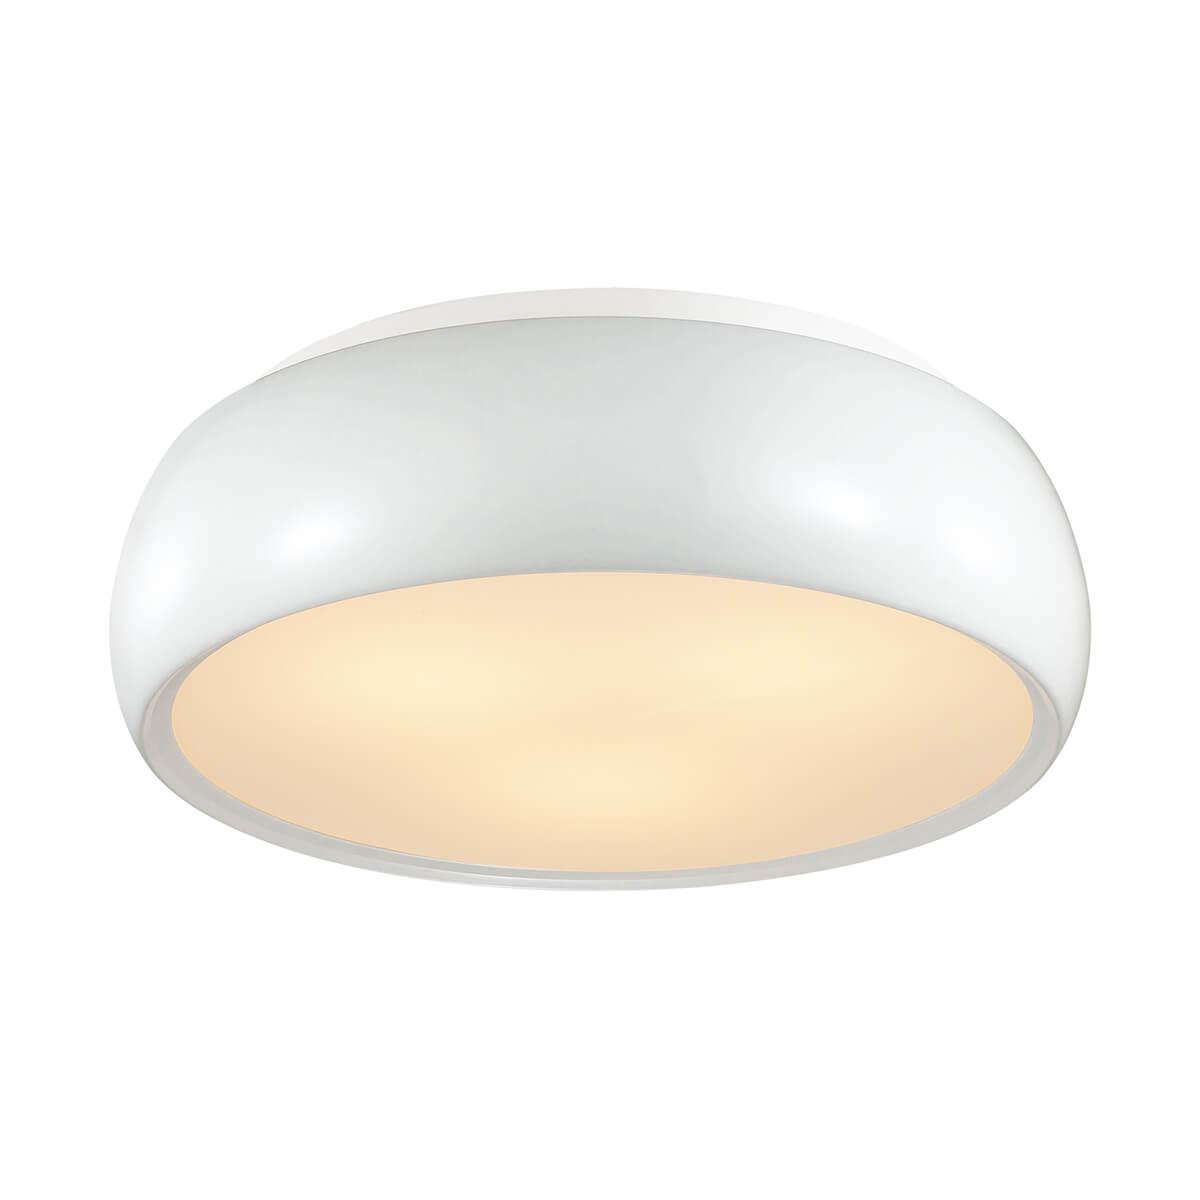 Светильник Lumion 4413/3C Moderni светильник lumion 4413 3c moderni